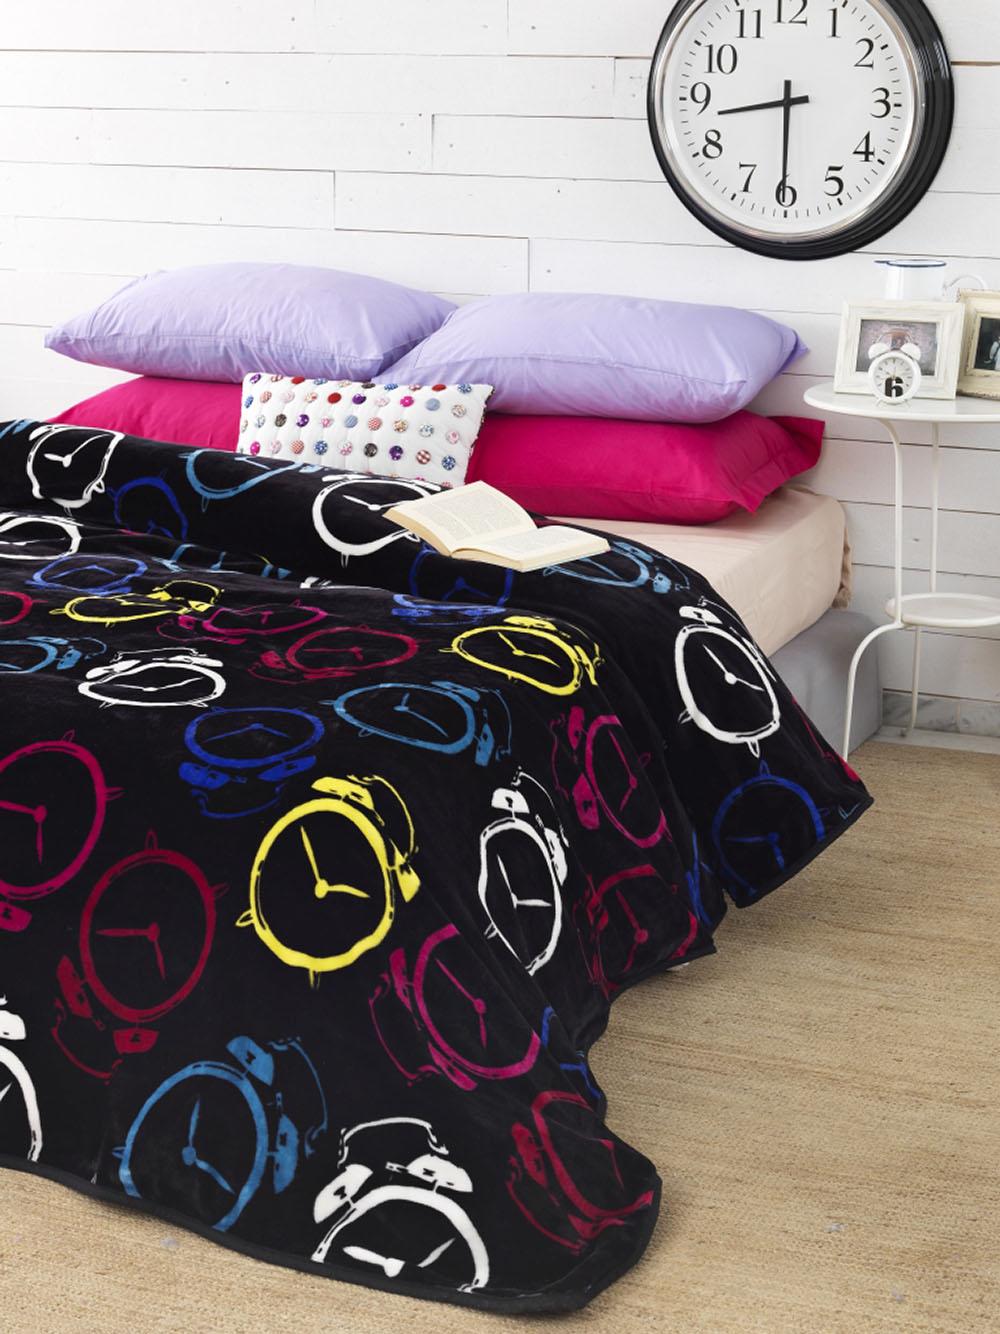 Κουβέρτα Fleece Υπέρδιπλη 220×240 SY-248 Palamaiki Silky Collection